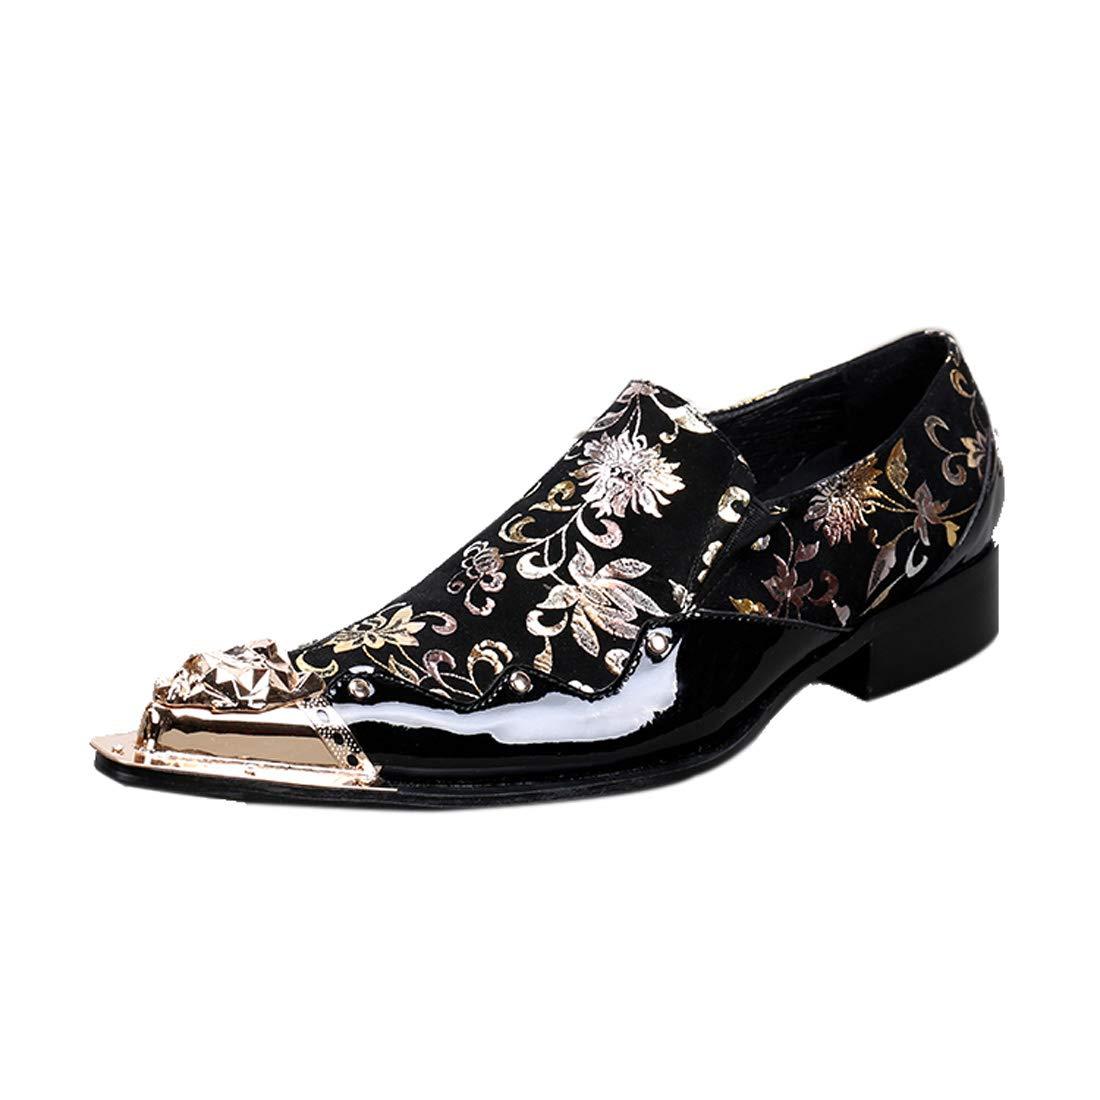 DANDANJIE Formale Schuhe Frühling Herbst Vintage Oxfords Hochzeitsfeier & Abend Neuheit Schuhe